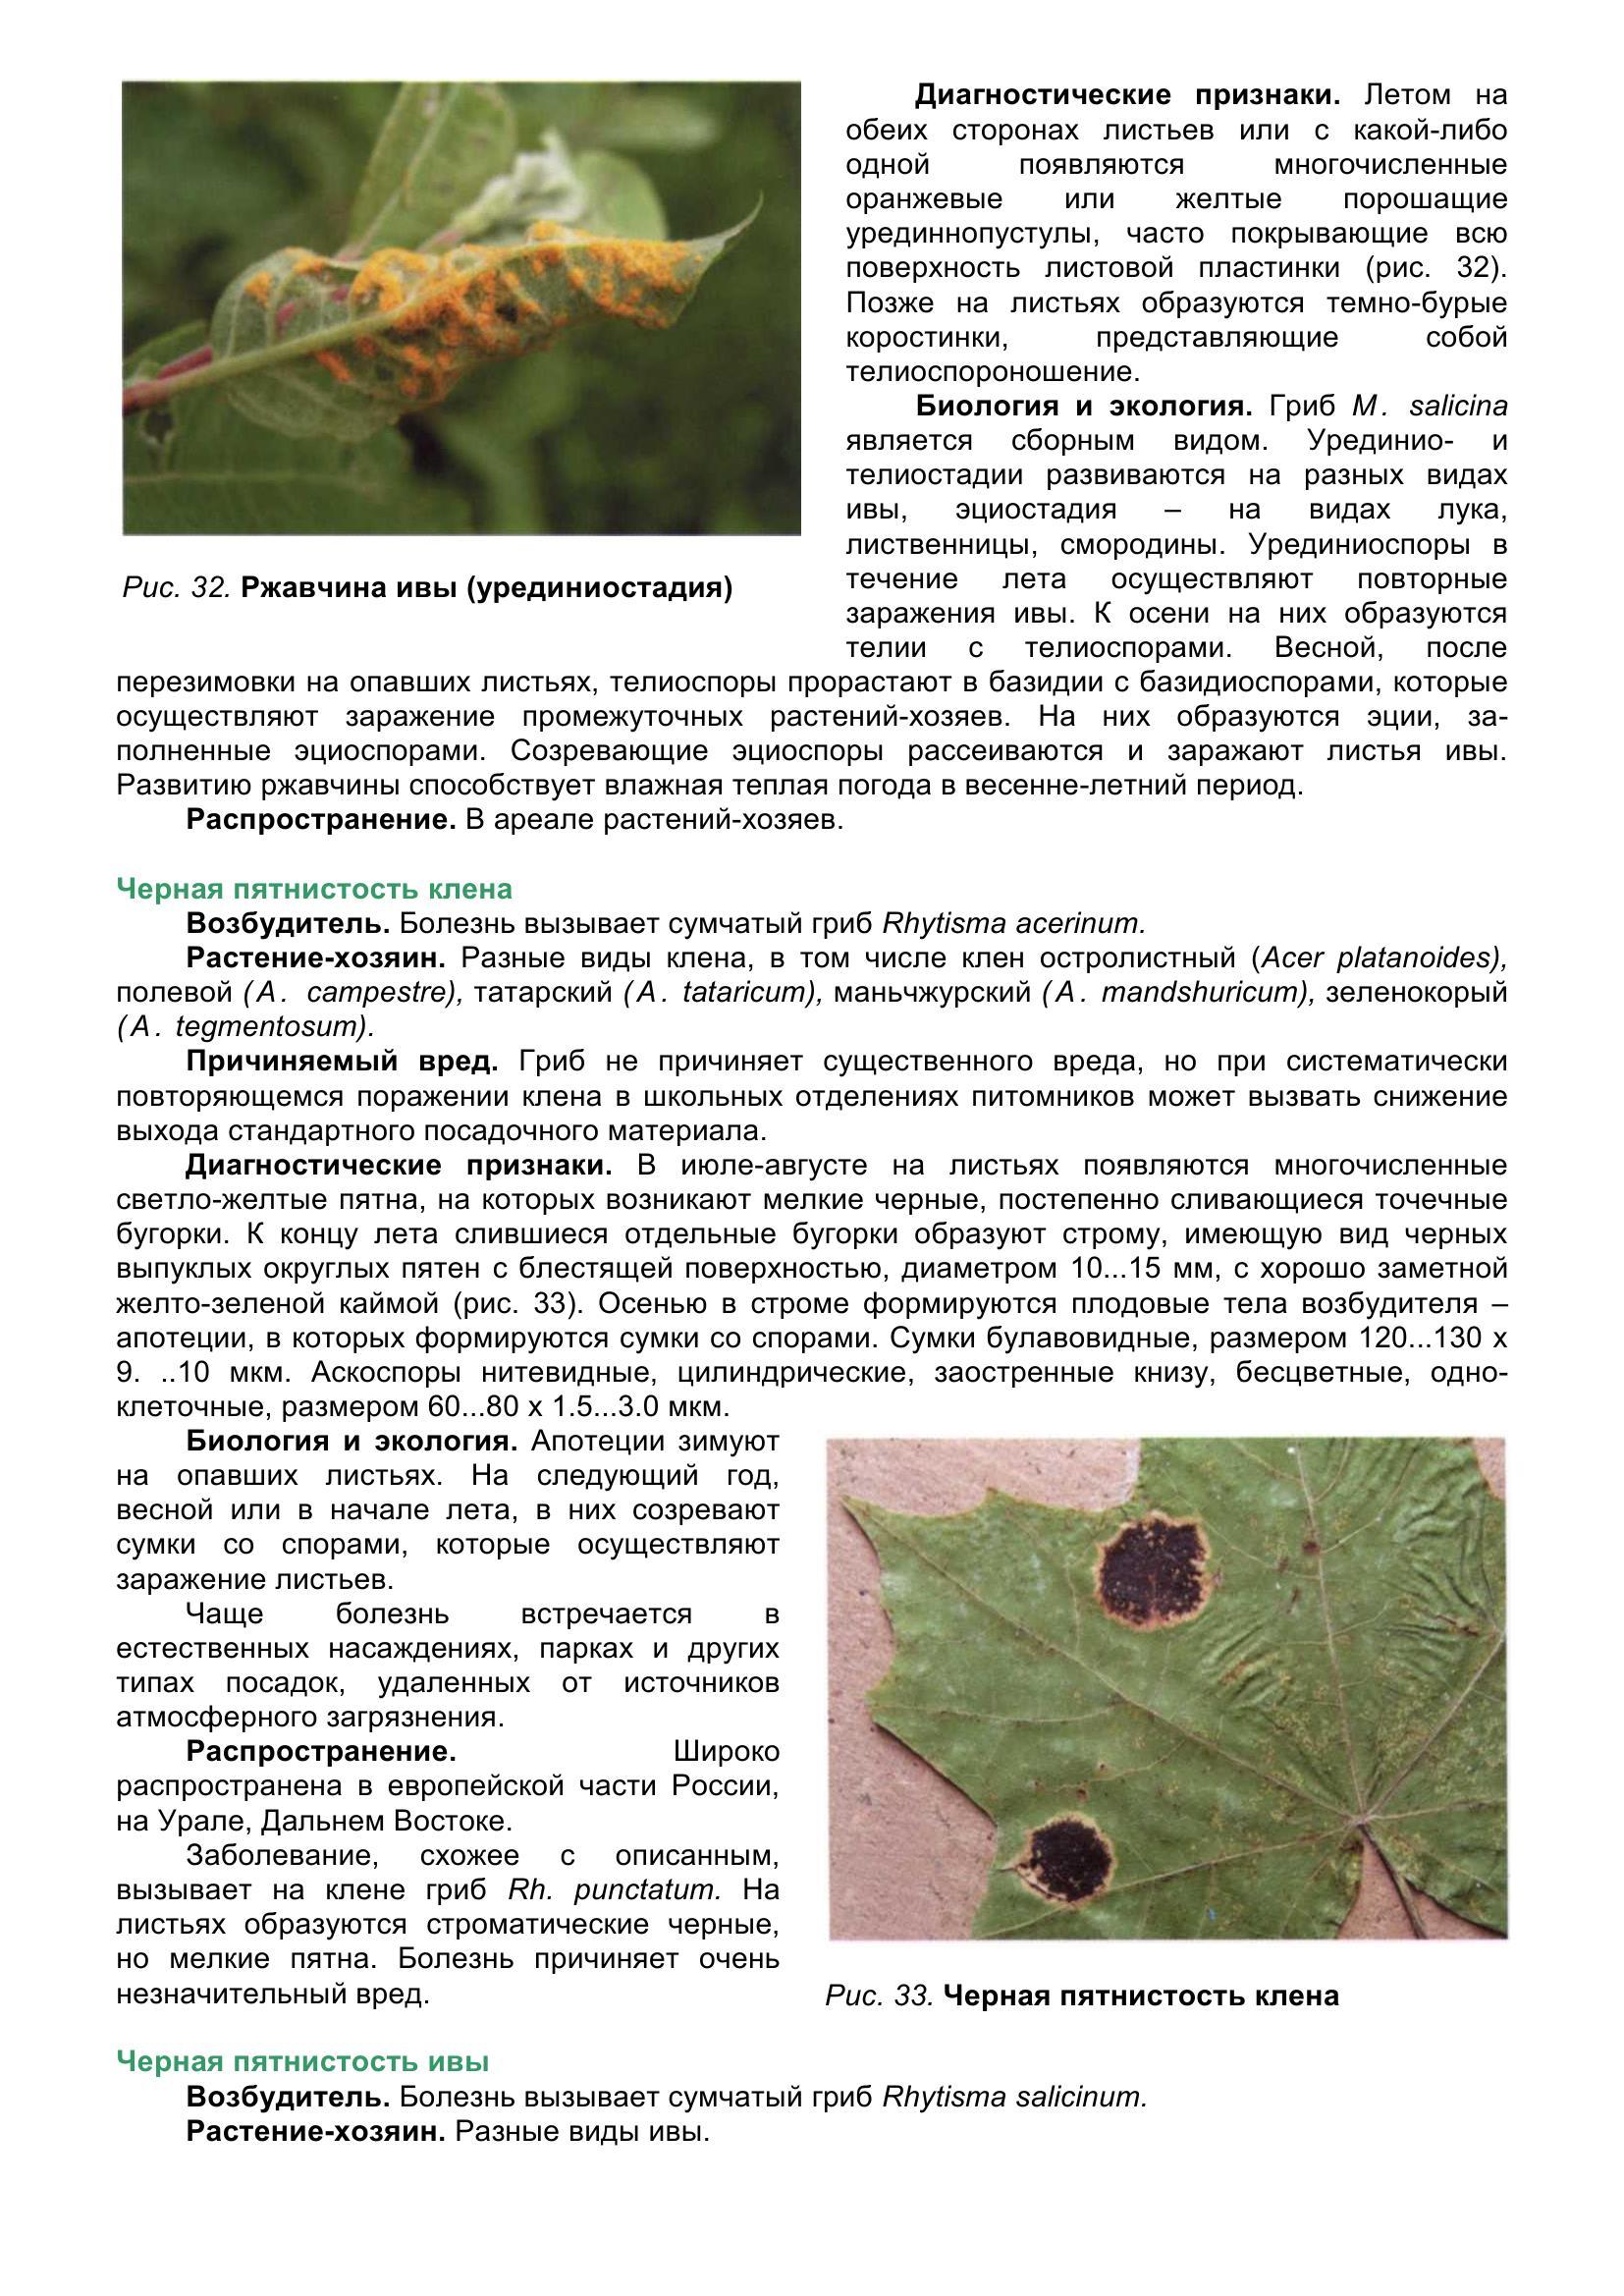 Болезни_древесных_растений_051.jpg